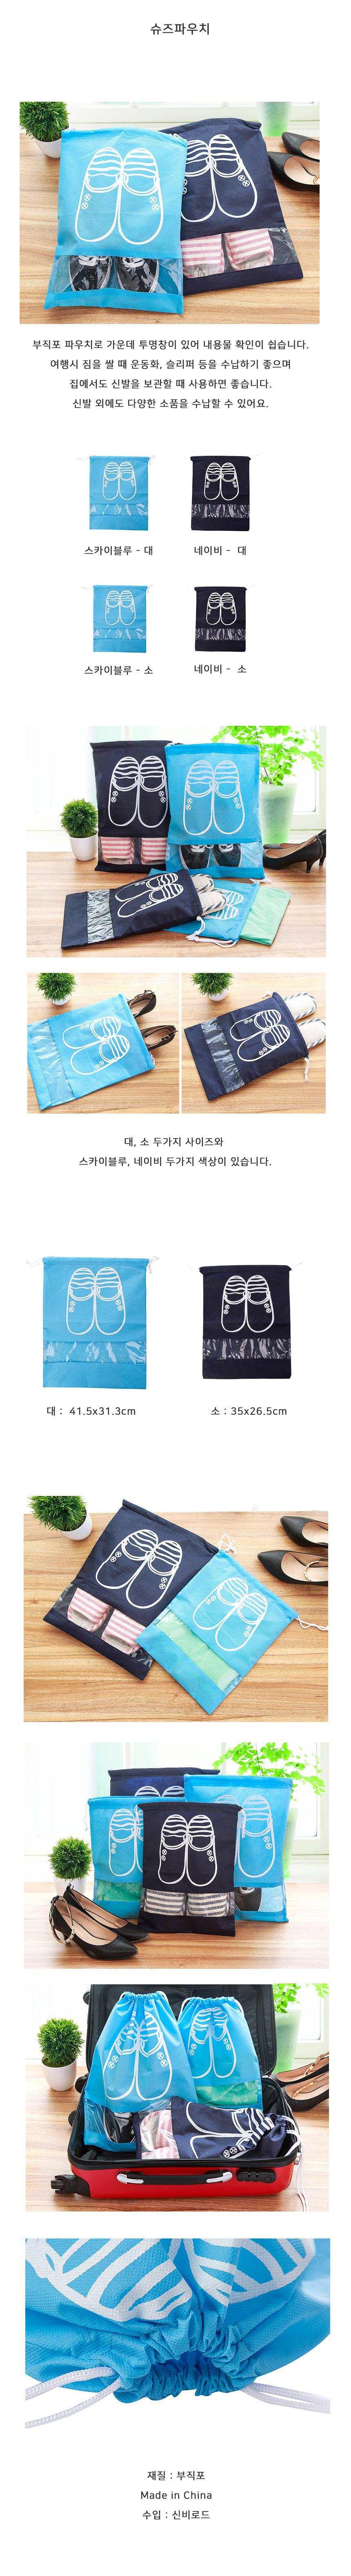 여행용 슈즈파우치 - 엠트래블, 2,000원, 트래블팩단품, 신발파우치